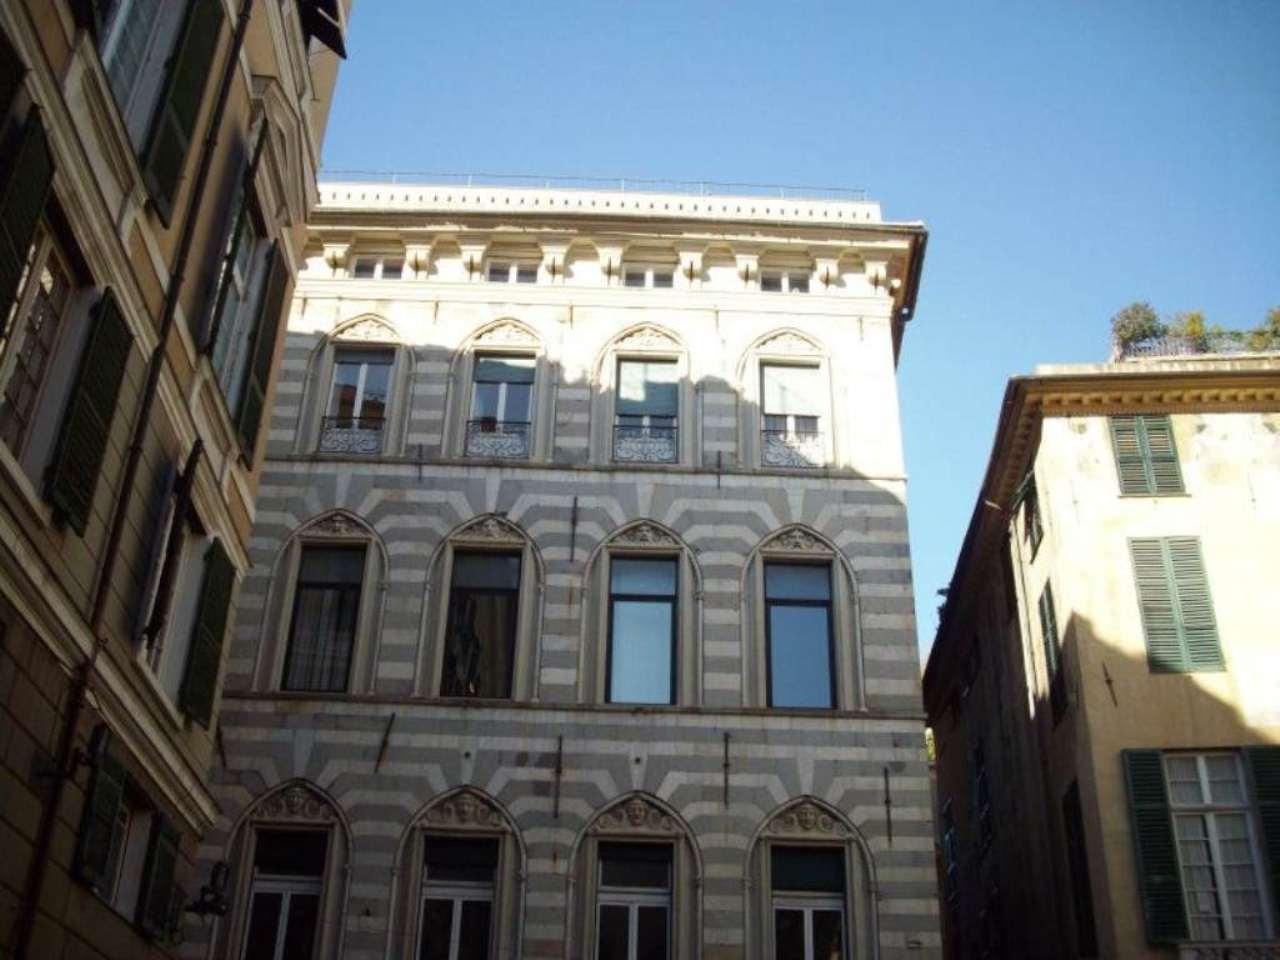 Ufficio / Studio in affitto a Genova, 5 locali, zona Zona: 1 . Centro, Centro Storico, prezzo € 1.100 | Cambio Casa.it